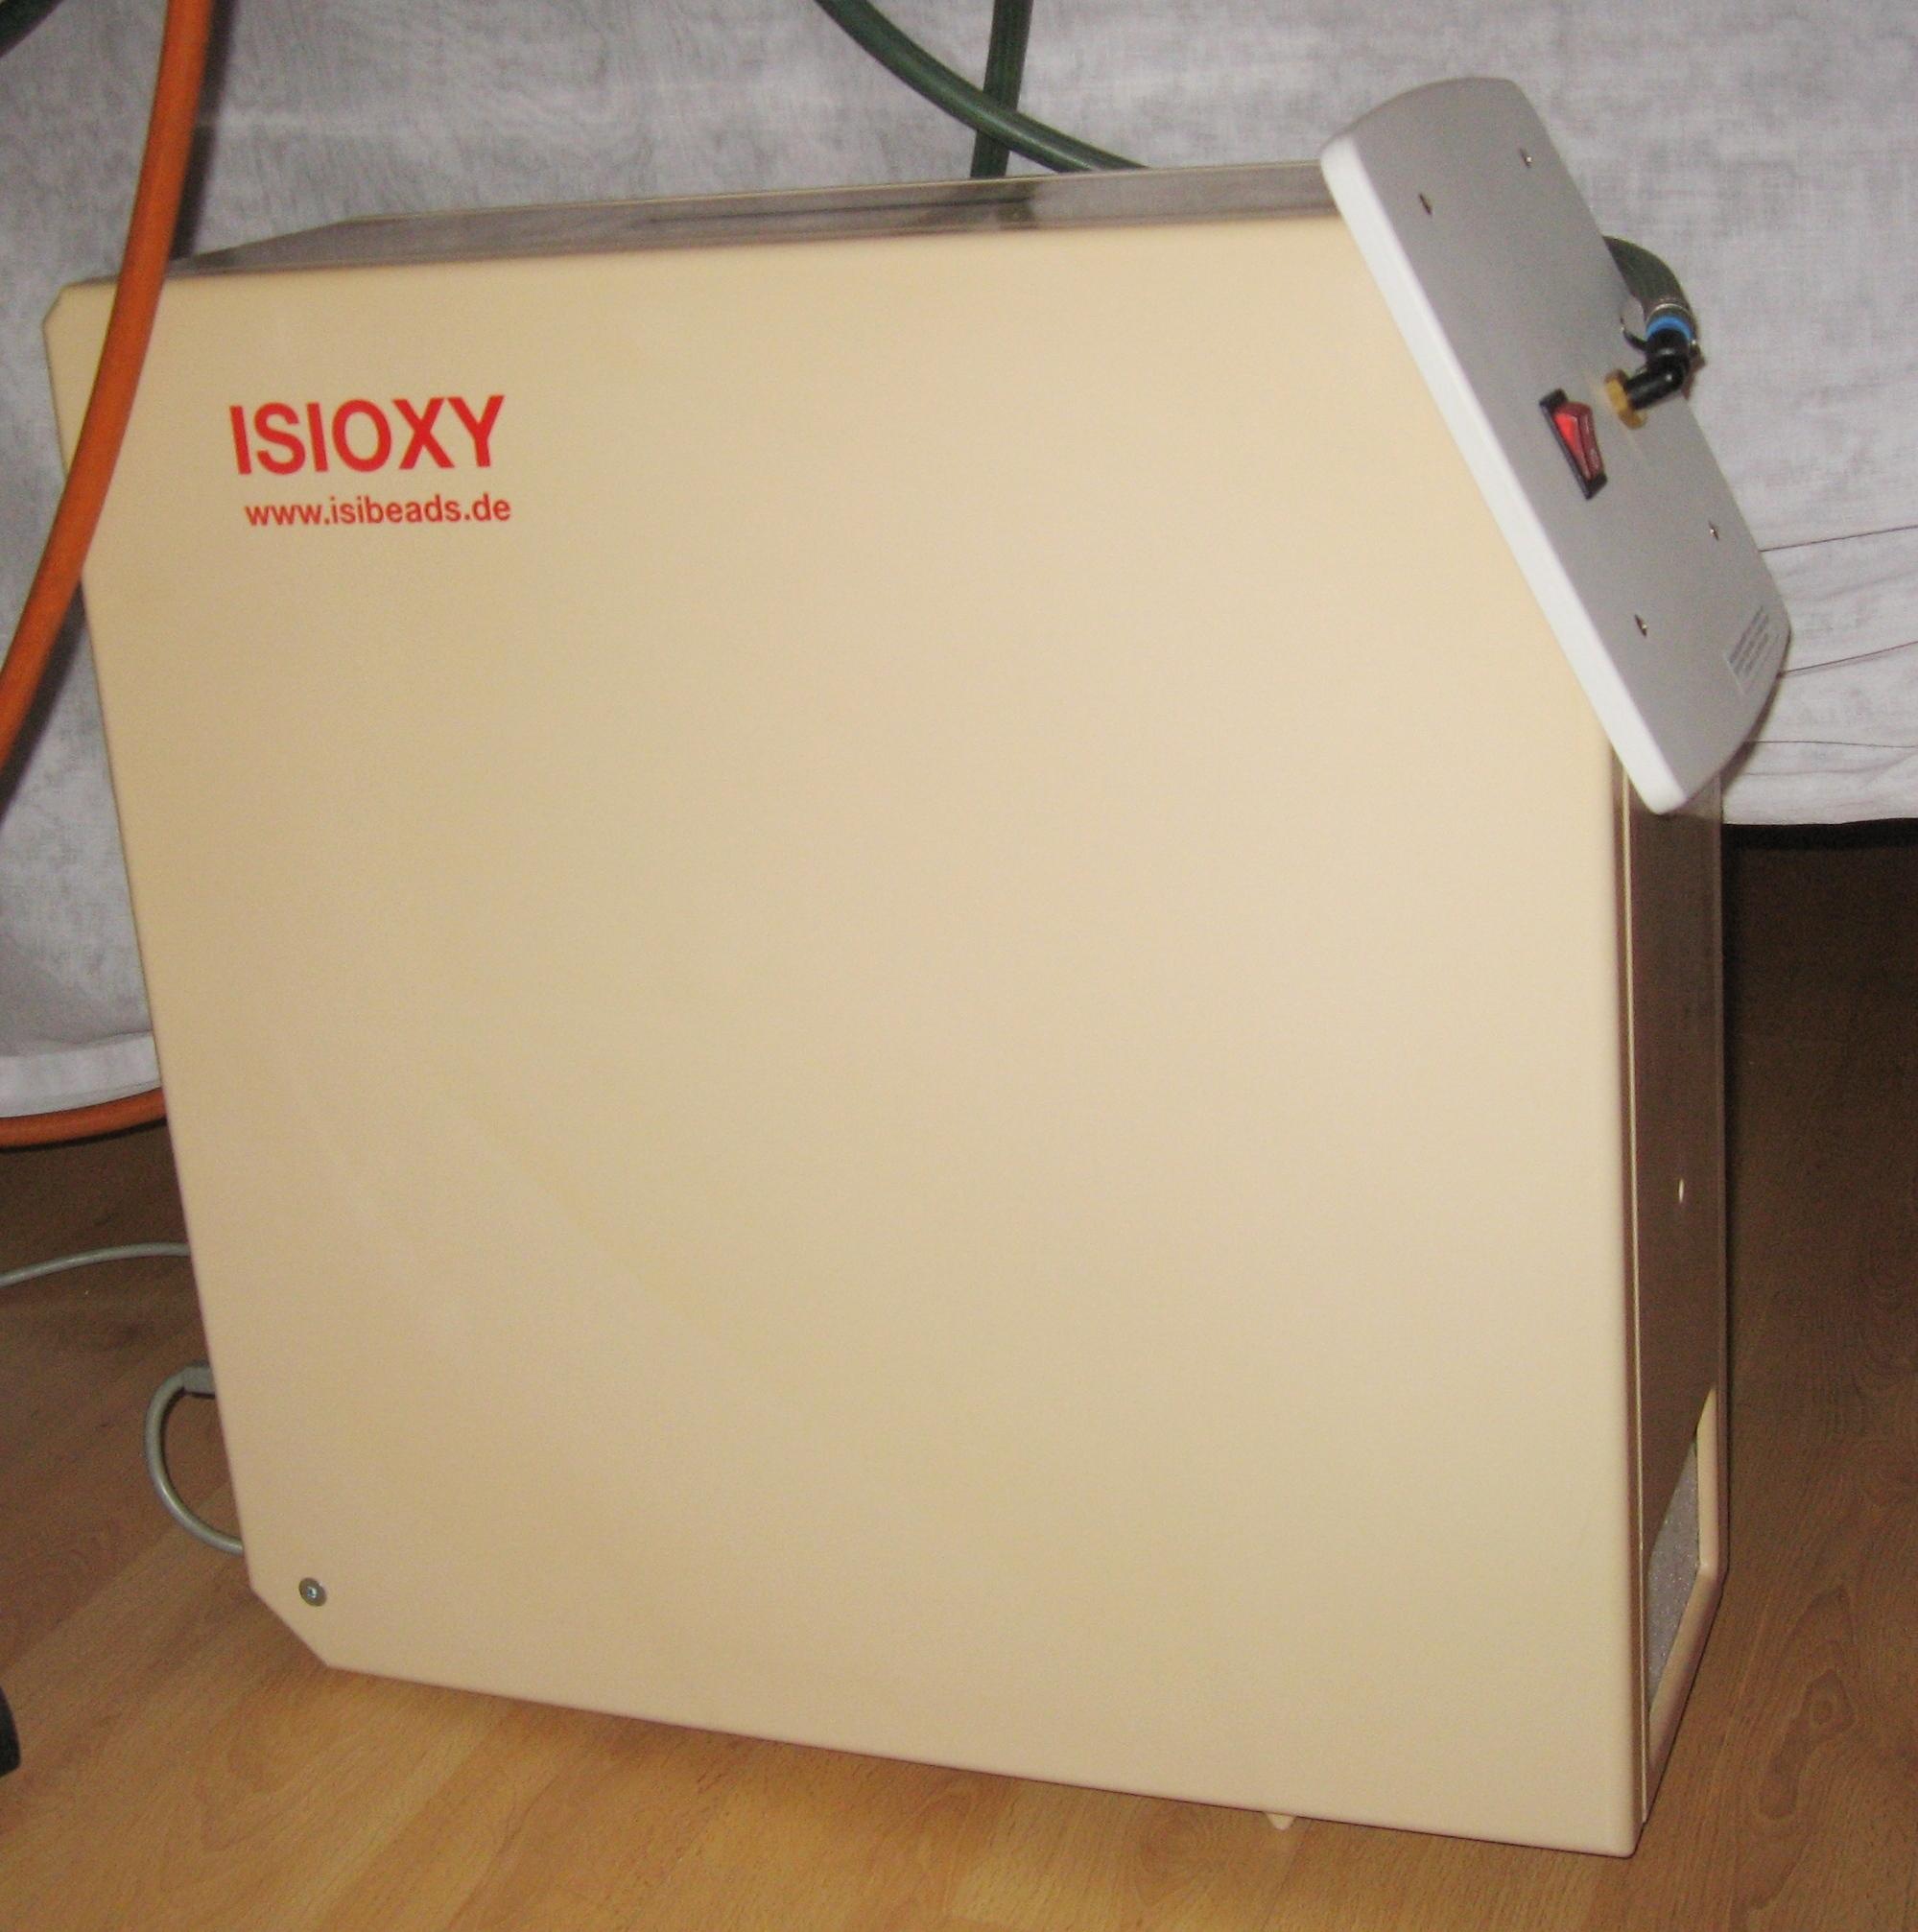 das ist ein Sauerstoffkonzentrator